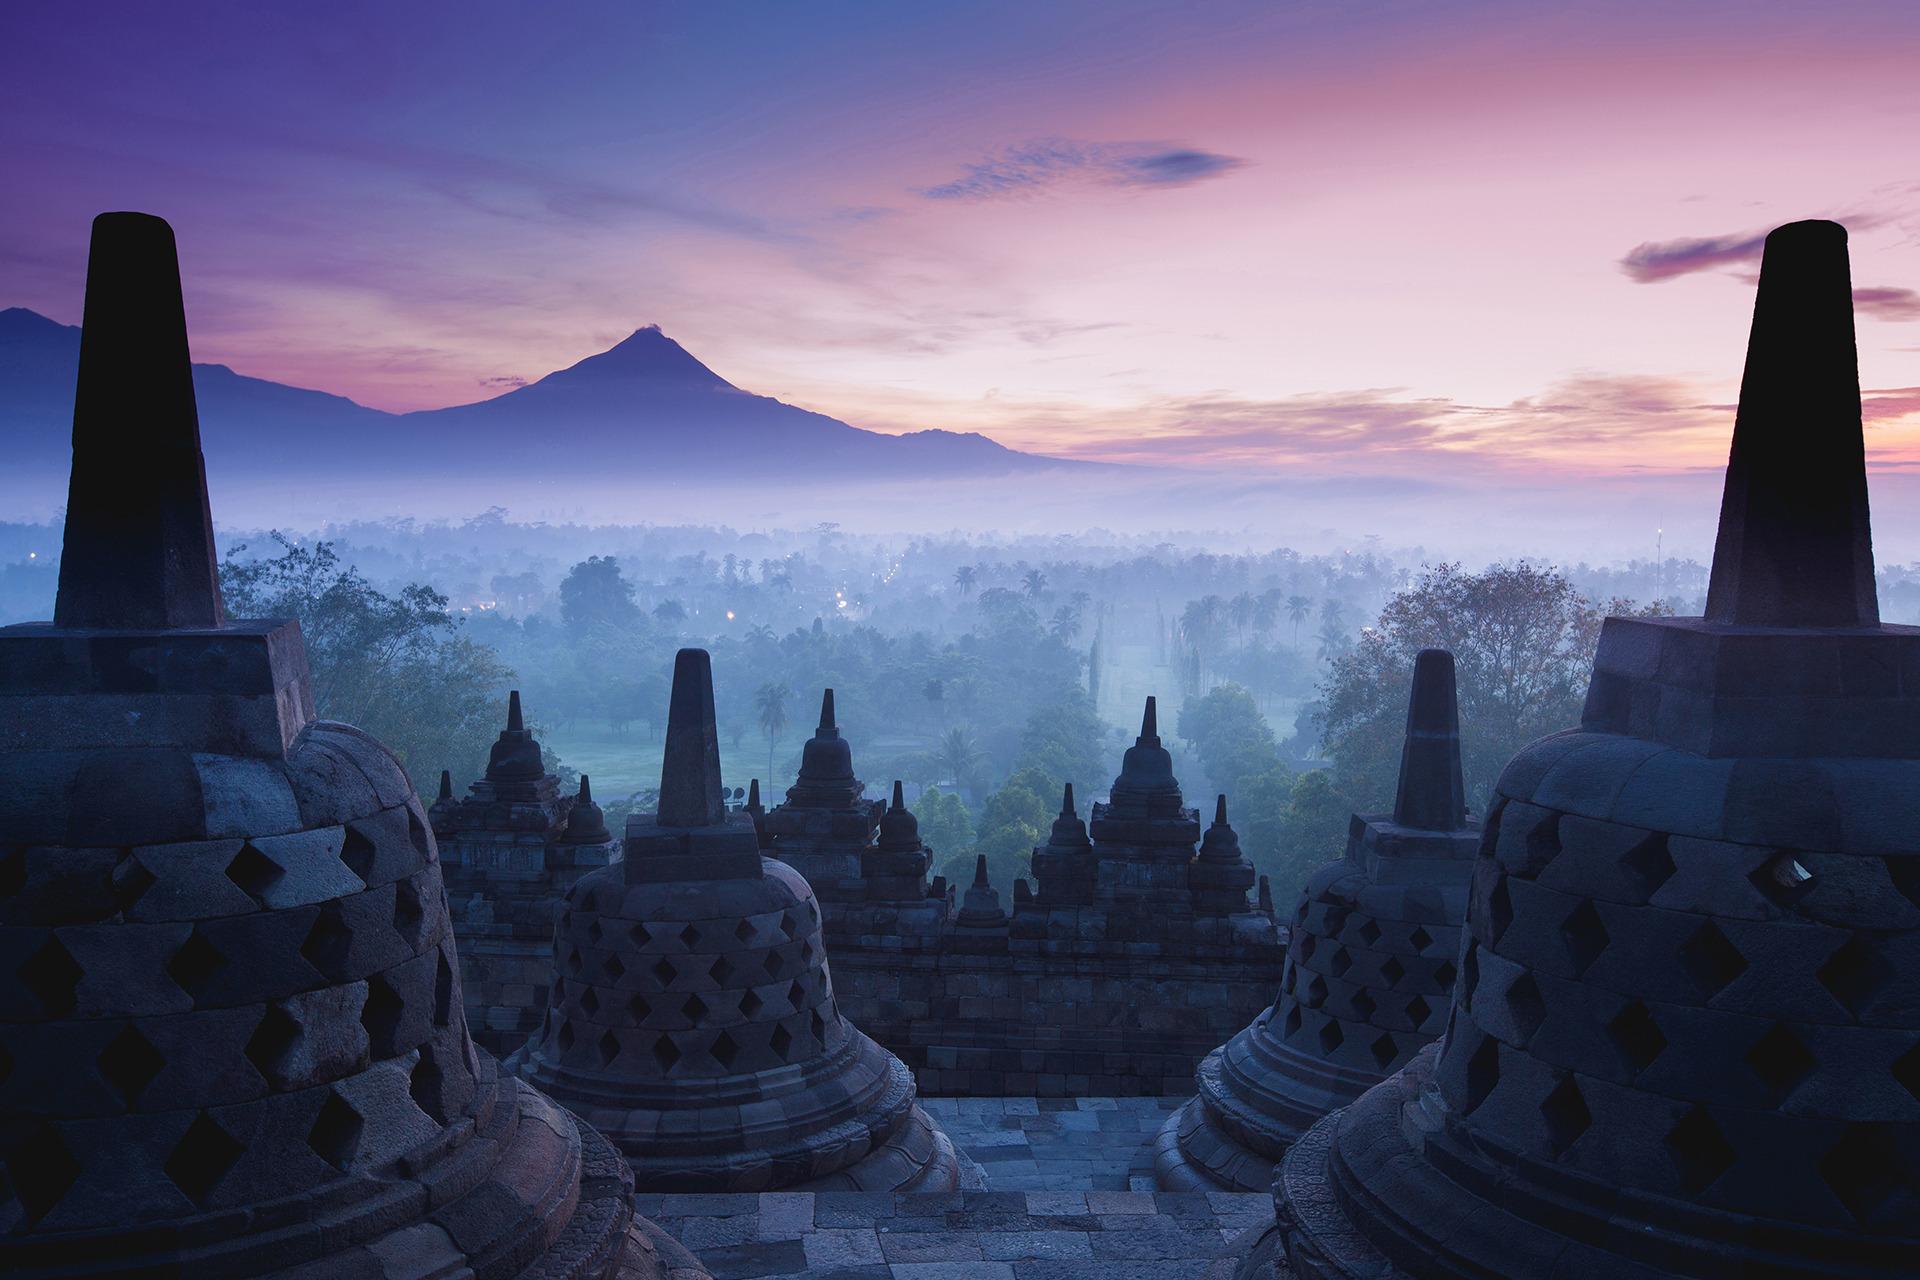 Voyage à pied : Entre temples & volcans, une histoire javanaise